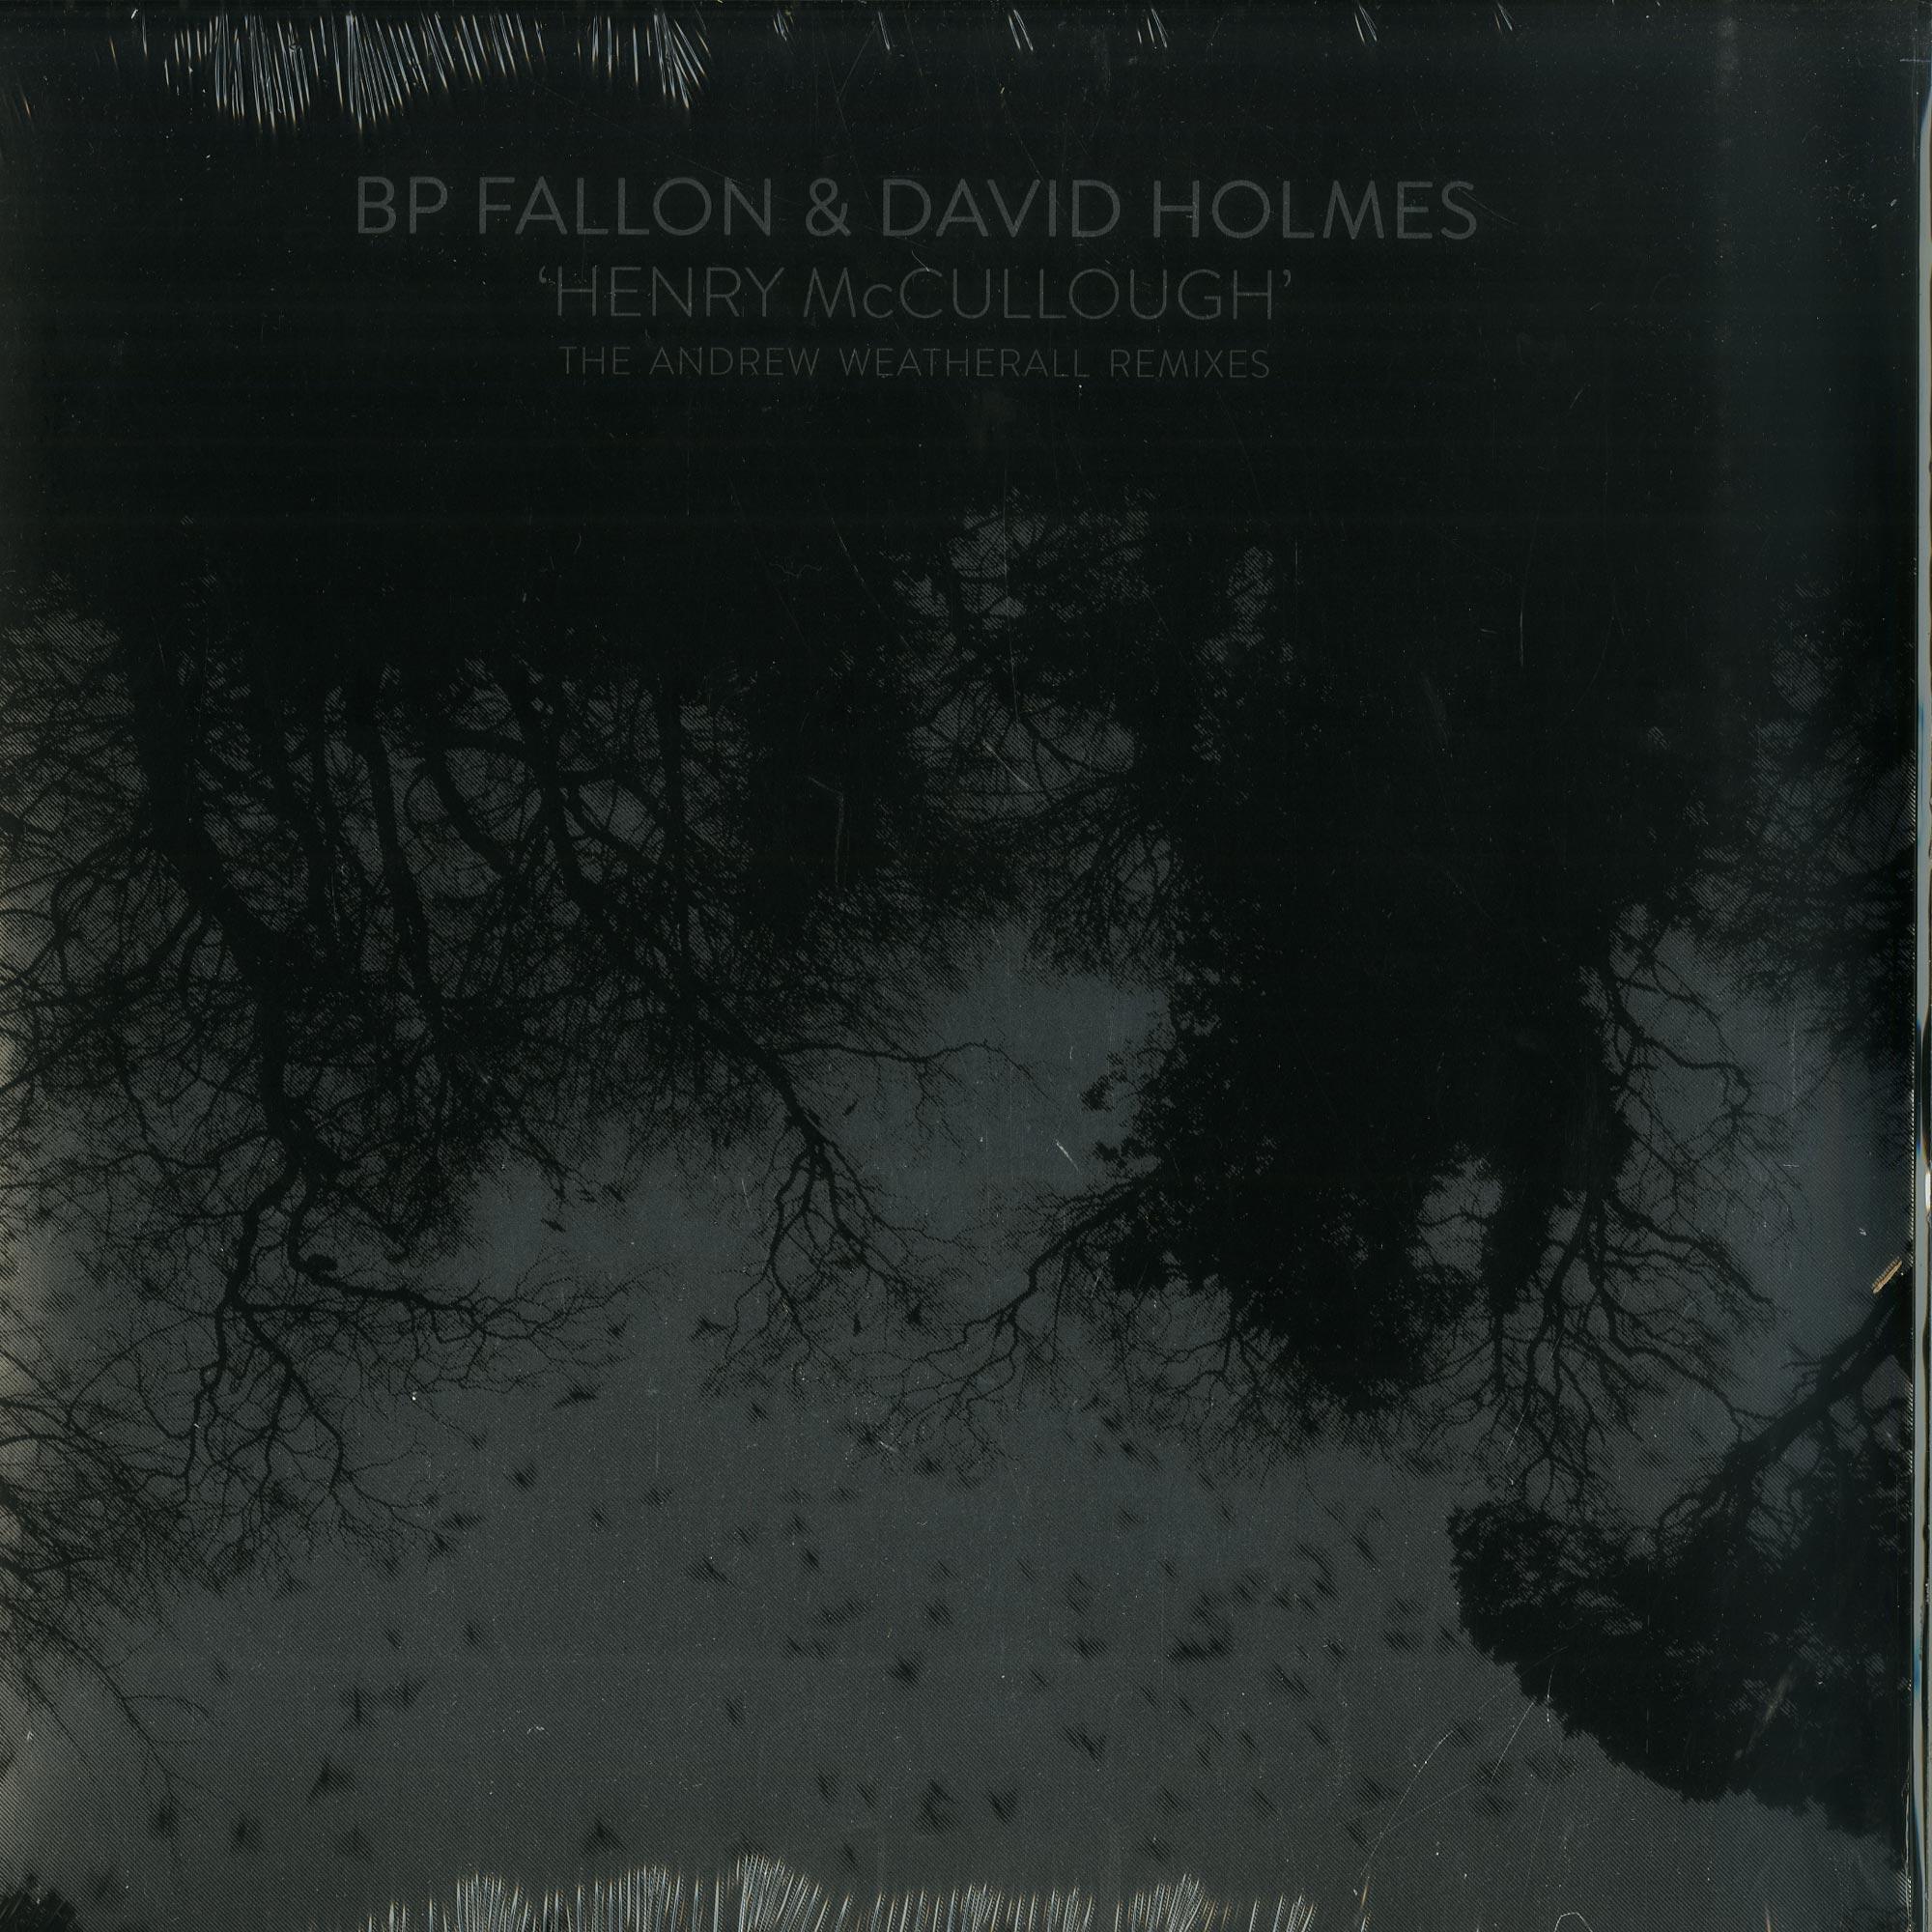 BP Fallon & David Holmes - HENRY MCCULLOUGH